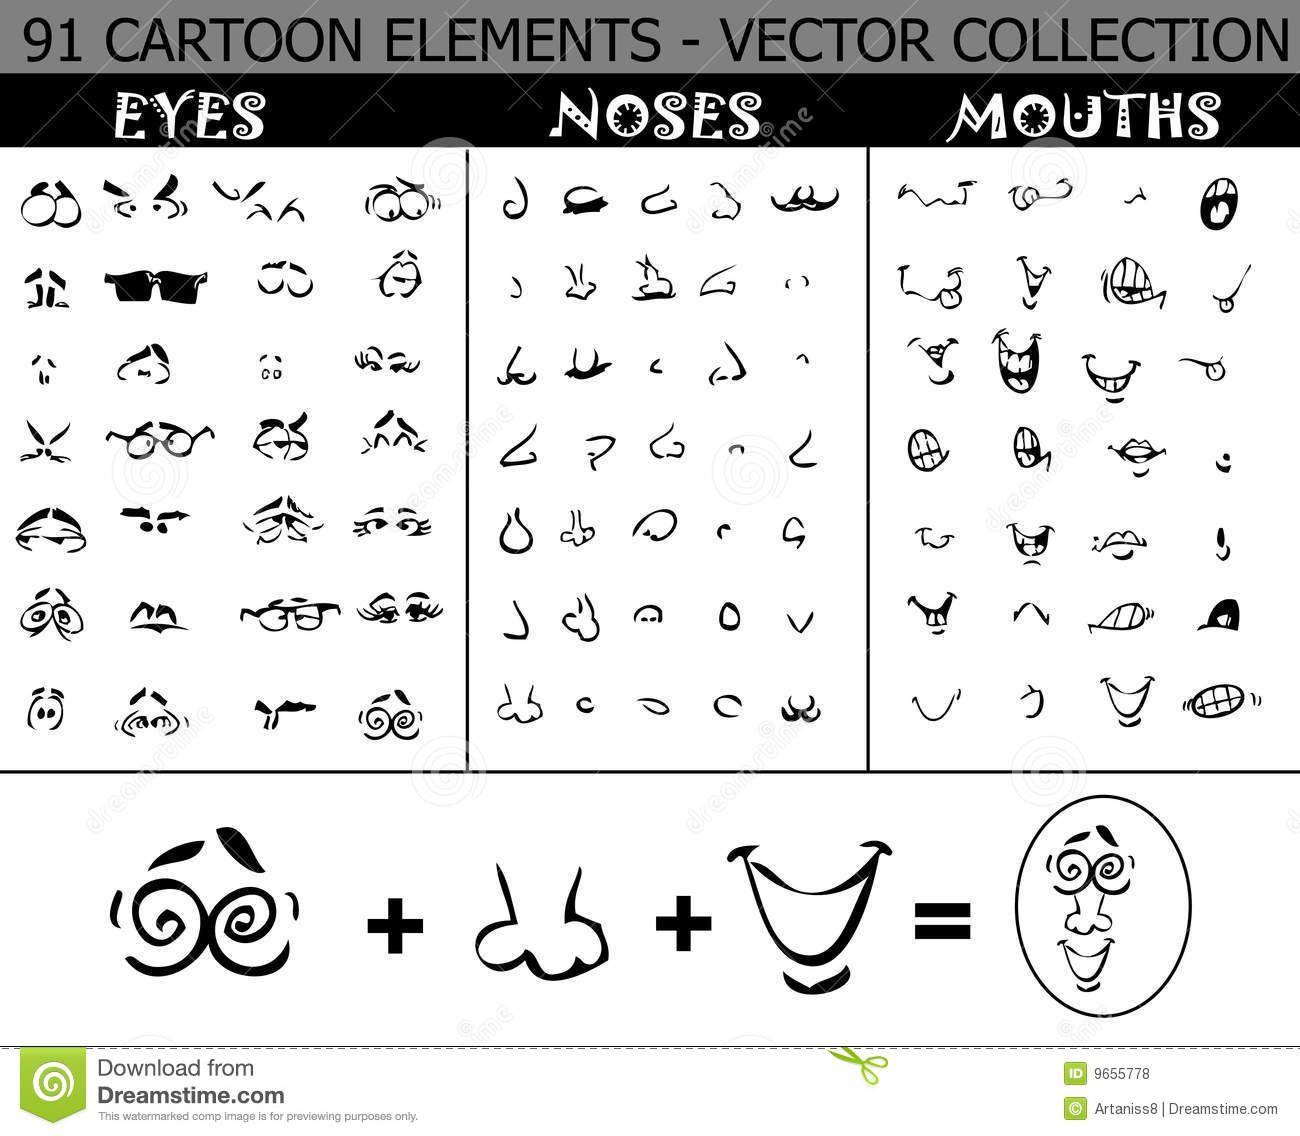 ojos narices y bocas CARTOONS - Buscar con Google